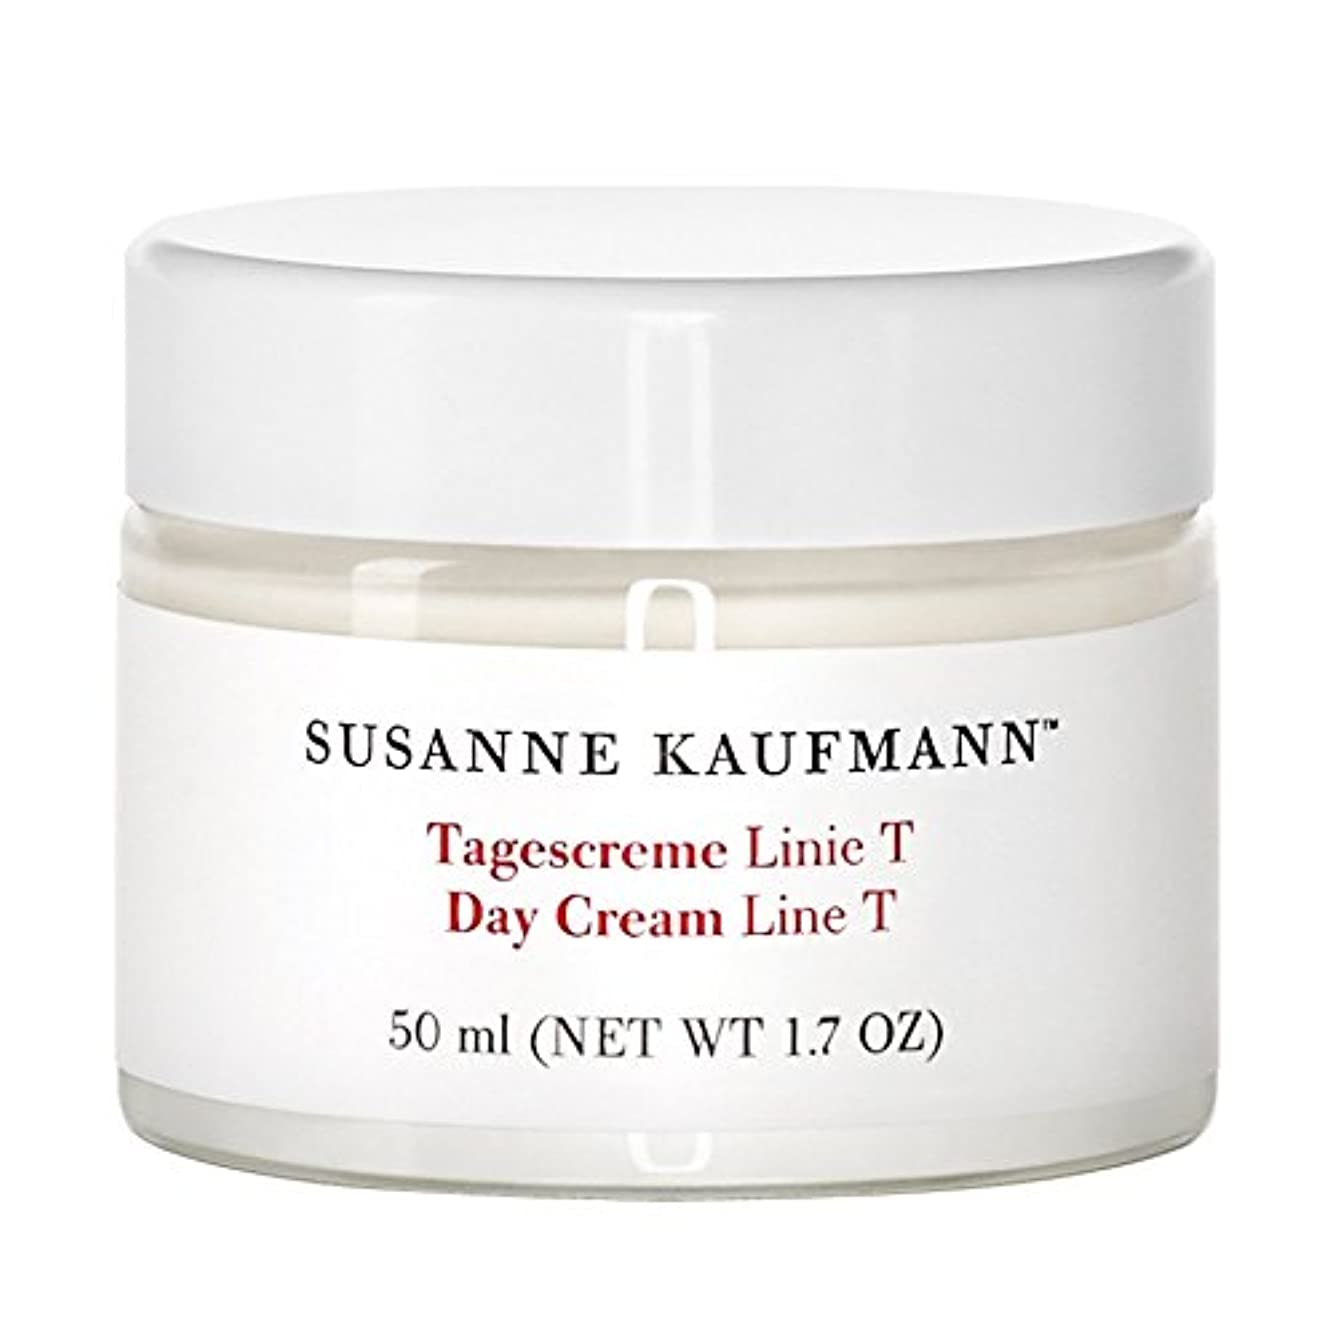 持っている振るう千Susanne Kaufmann Day Cream Line T 50ml - スザンヌカウフマン日クリームライントンの50ミリリットル [並行輸入品]